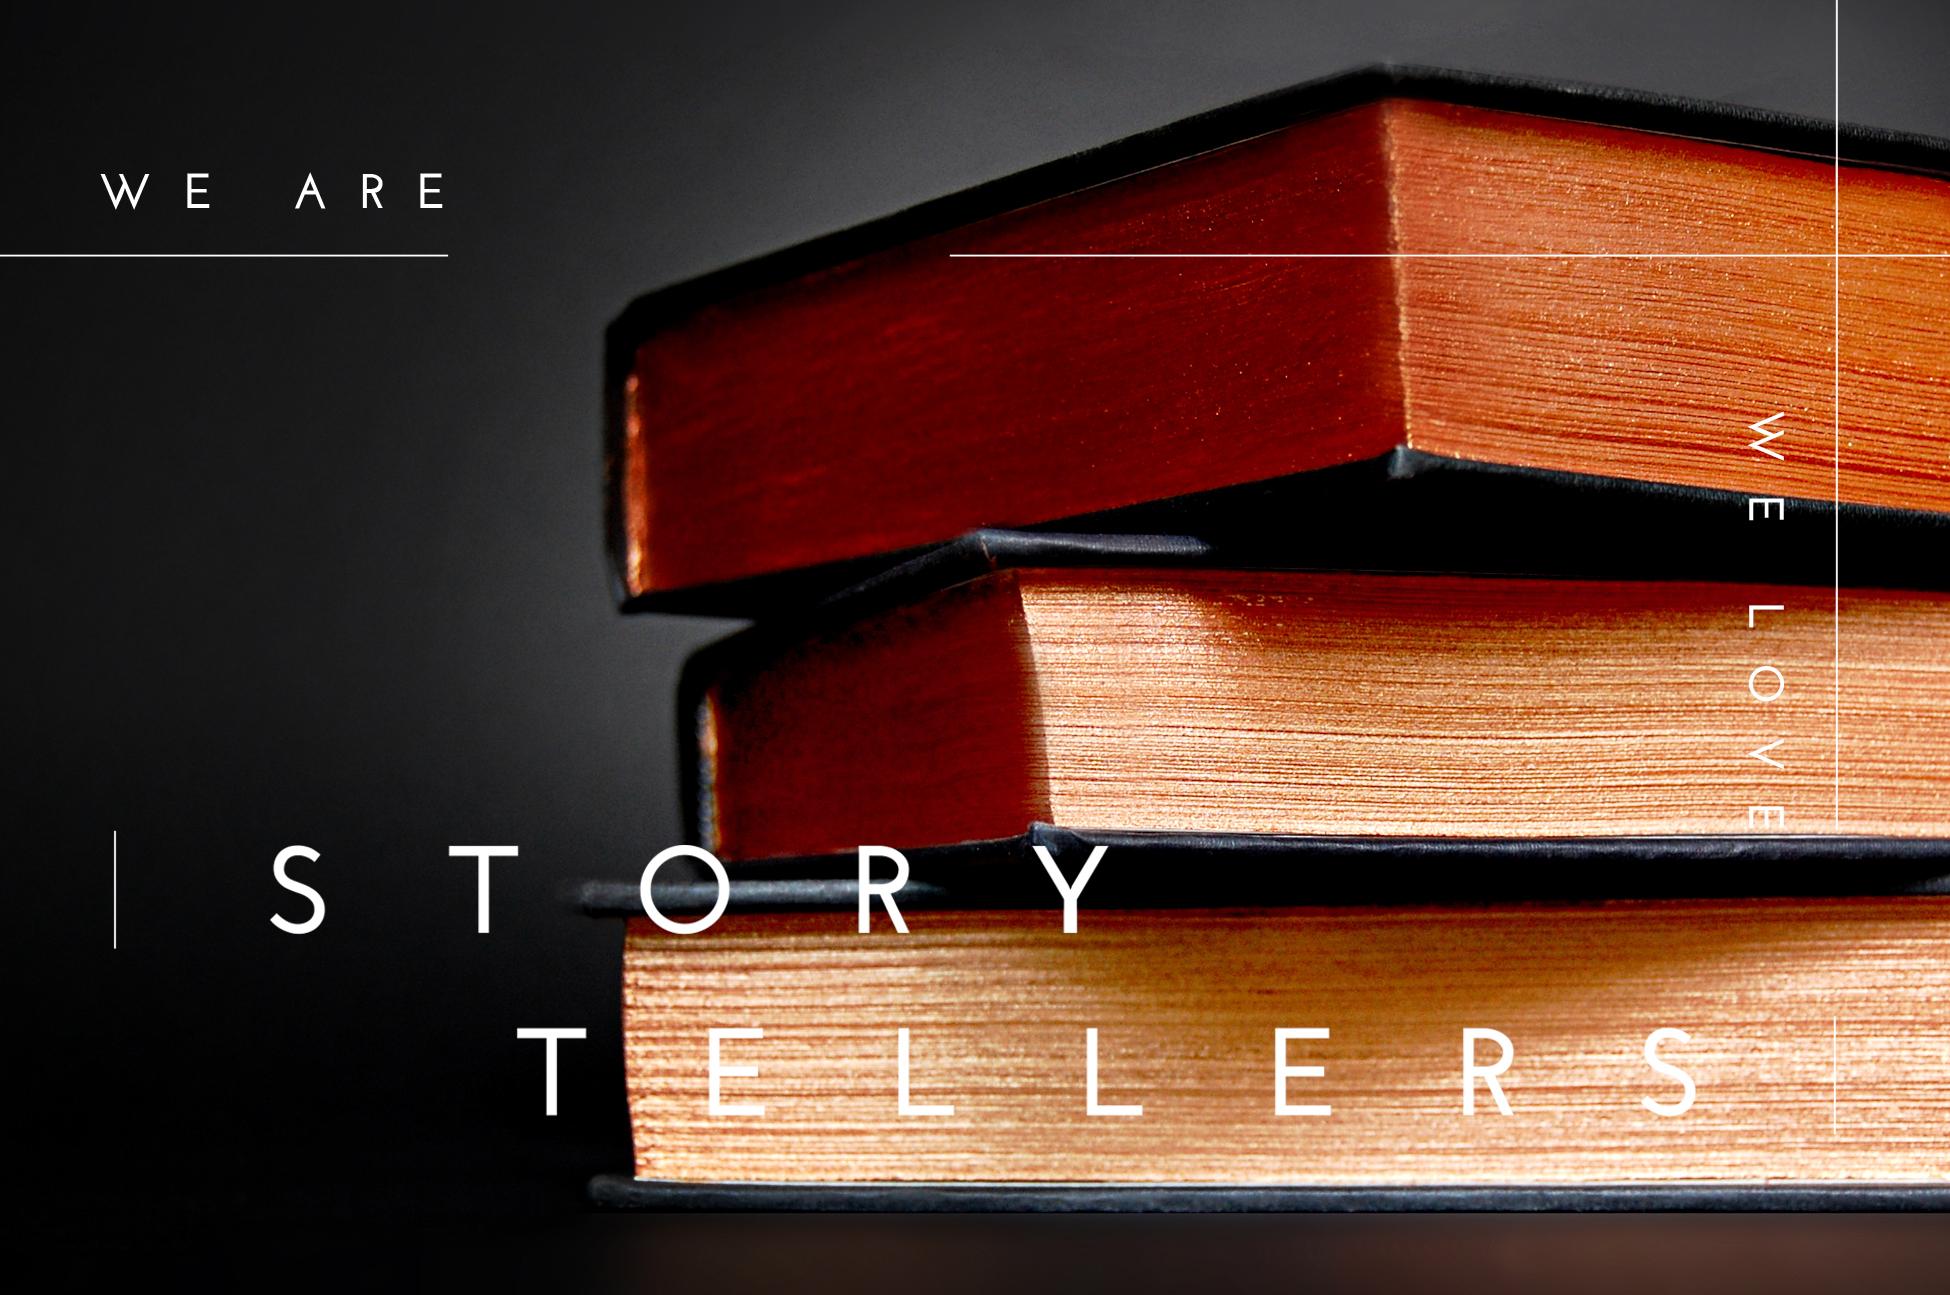 story_tellers_books_colouredLight.jpg